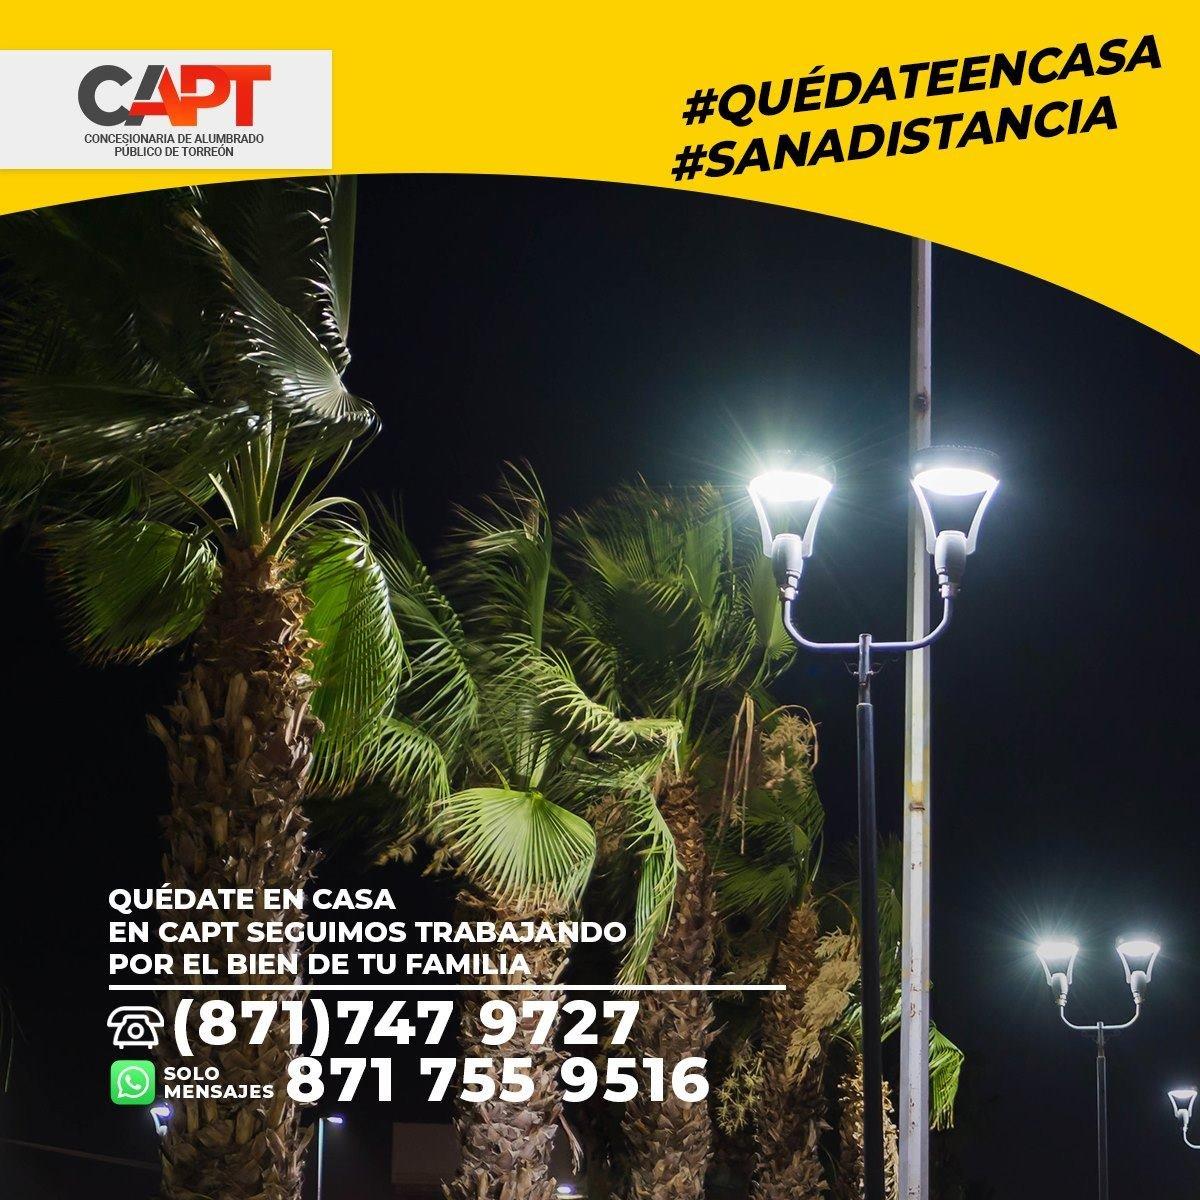 ¡Trabajamos con el compromiso de mantener iluminada y segura tu ciudad! #QuedateenCasa #Torreón #Coahuila #México #LED #CAPT https://t.co/Mwukn81gim